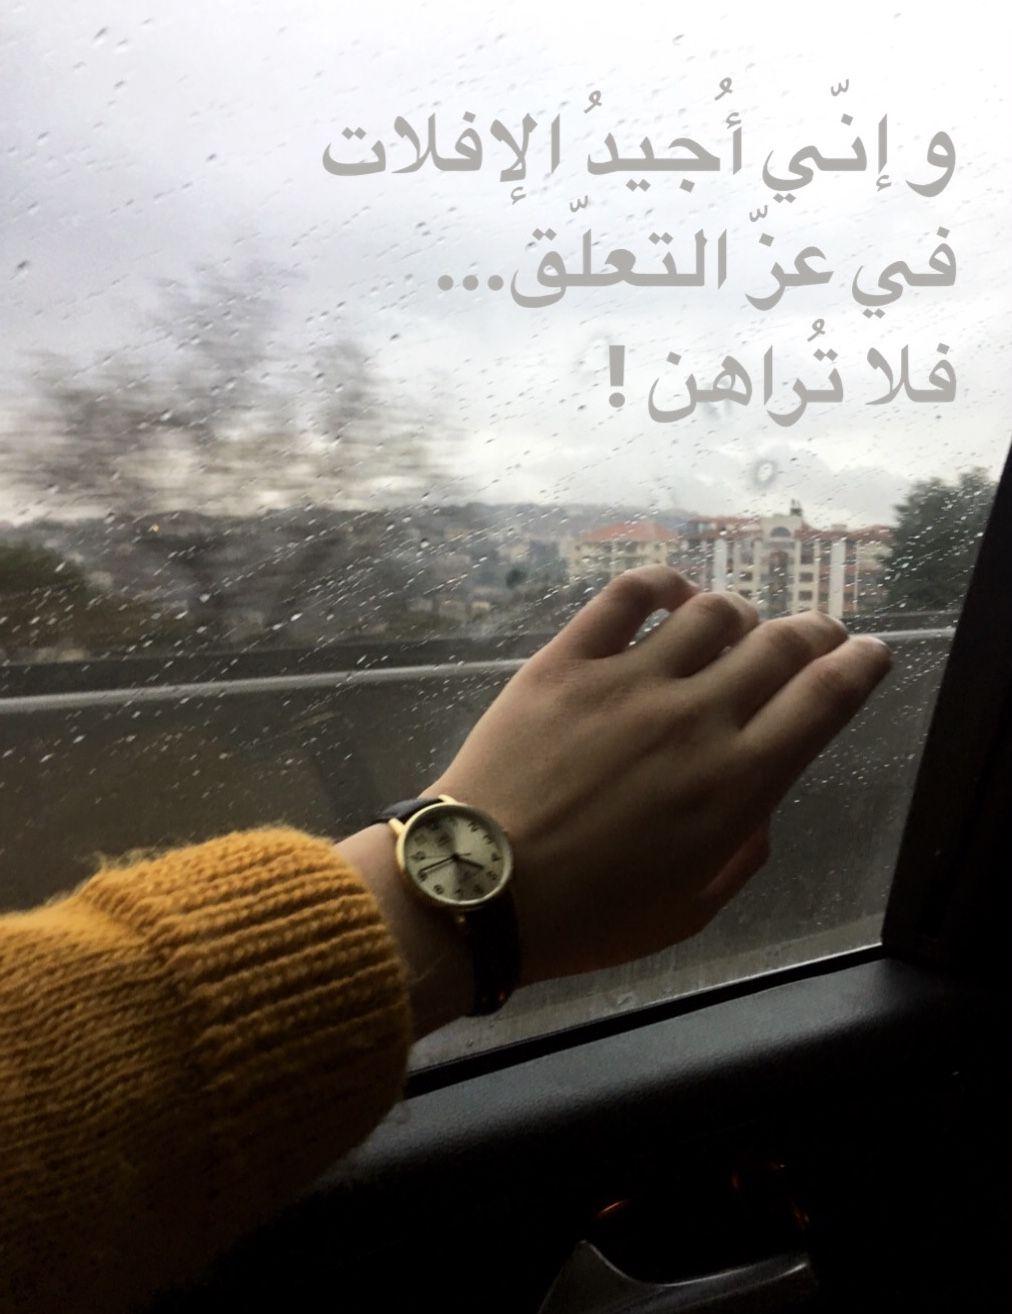 و إني اجيد الافلات في عز التعلق فلا تراهن Widadtf Widad S Photography Quotations Quotes Arabic Words